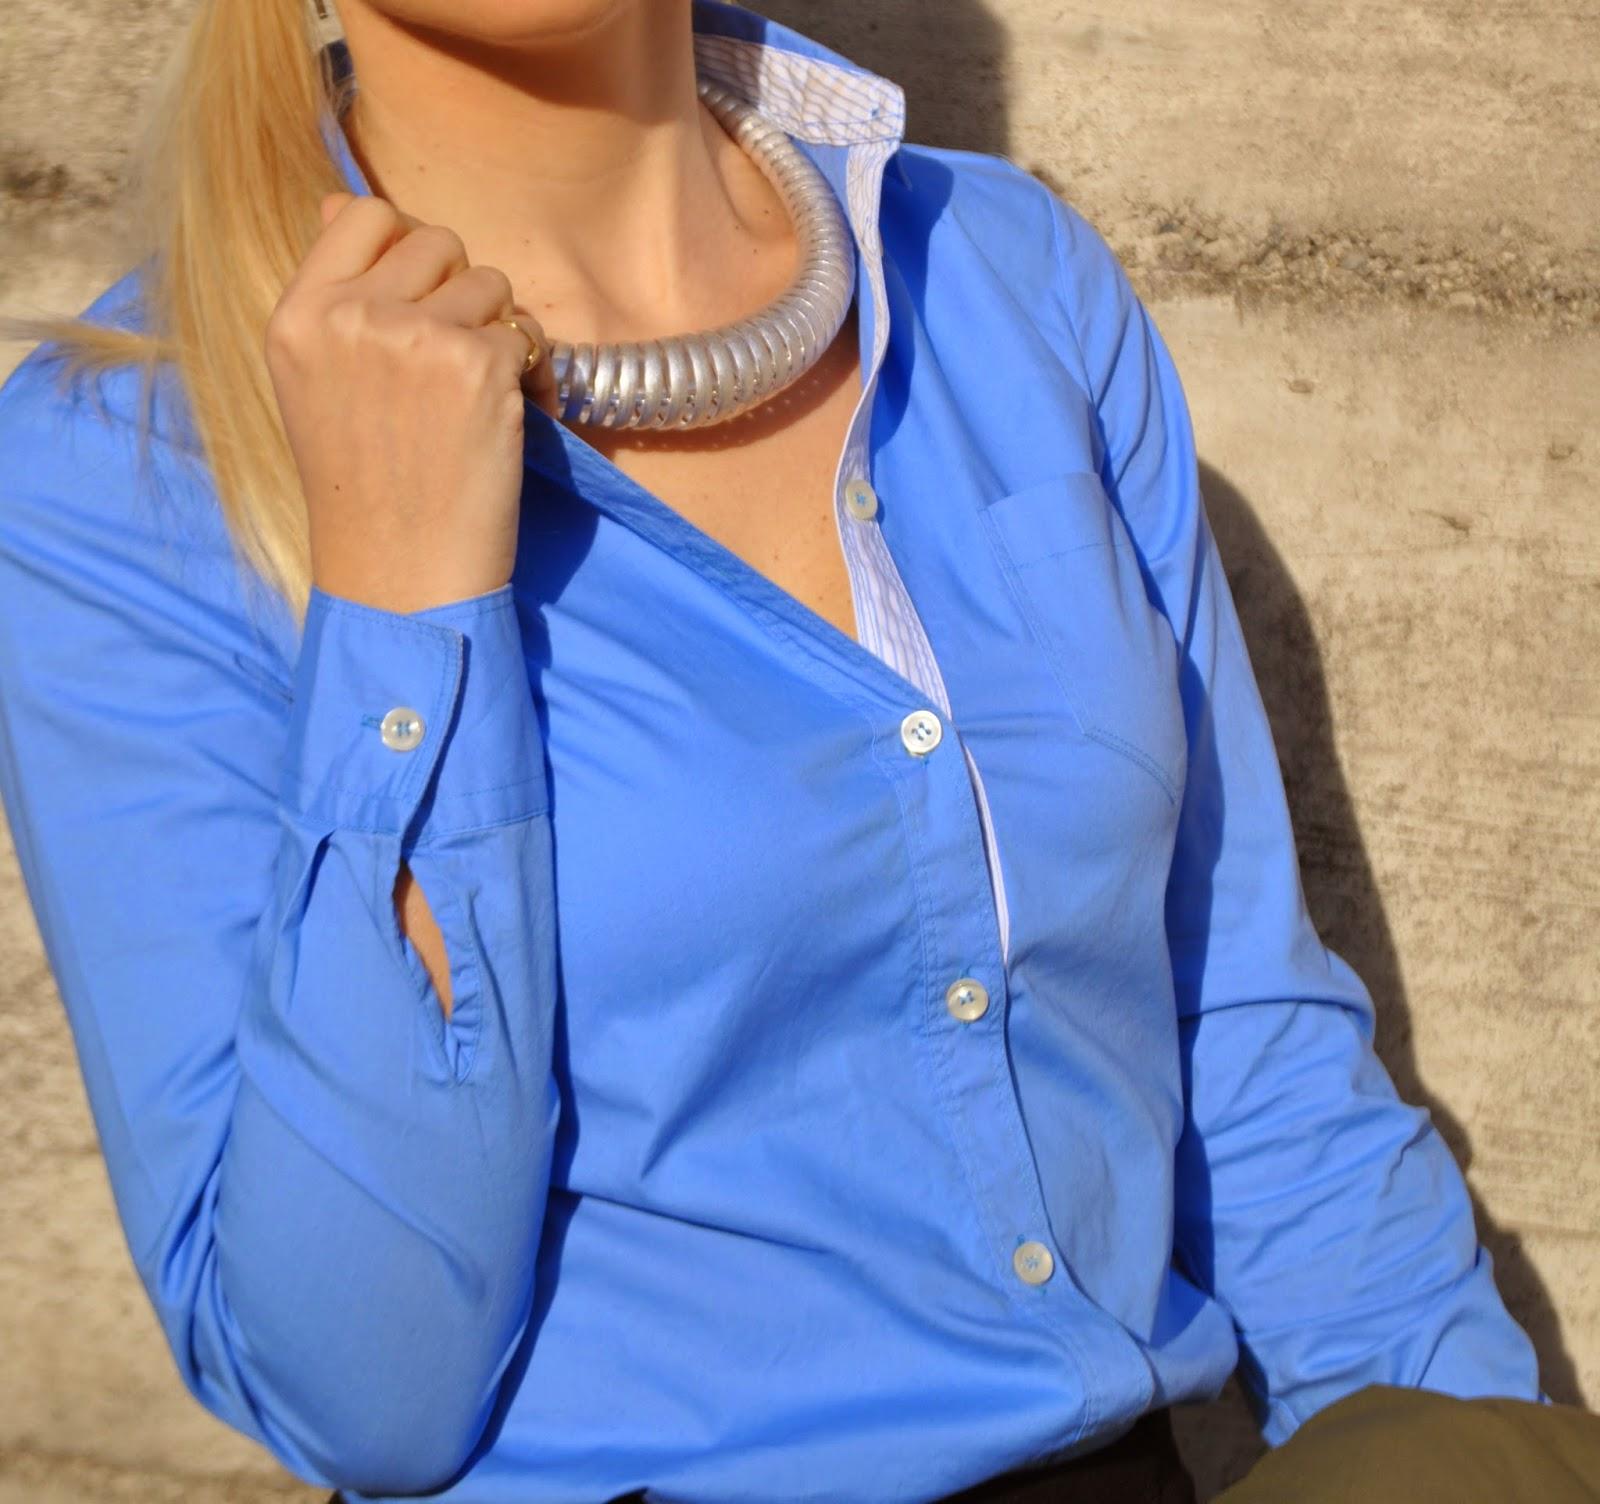 outfit camicia azzurra outfit gennaio 2015  come abbinare la camicia azzurra abbinamenti camicia azzurra outfit verde militare outfit parka come abbinare il parka gonna e parka  outfit invernali outfit invernali casuali outfit camicia azzurra gonna nera outfit anfibi a fiori outfit parka verde militare come abbinare il parka outfit parka outfit camicia azzurra come abbinare la camicia azzurra abbinamenti camicia azzurra come abbinare le dr martens abbinamenti dr martens outfit occhiali lenti specchio occhiali da sole lenti cuore mariafelicia magno fashion blogger mariafelicia magno outfit mariafelicia magno color block by felym fashion blog ragazze bionde blog di moda blogger italiane di moda acconciatura coda laterale winter outfit blue shirt parka coat fashion bloggers italy italian fashion bloggers how to wear blue shirt how to wear shirt and skirt  collana majique occhiali da sole zara parka benetton zara sunglasses majique london necklace